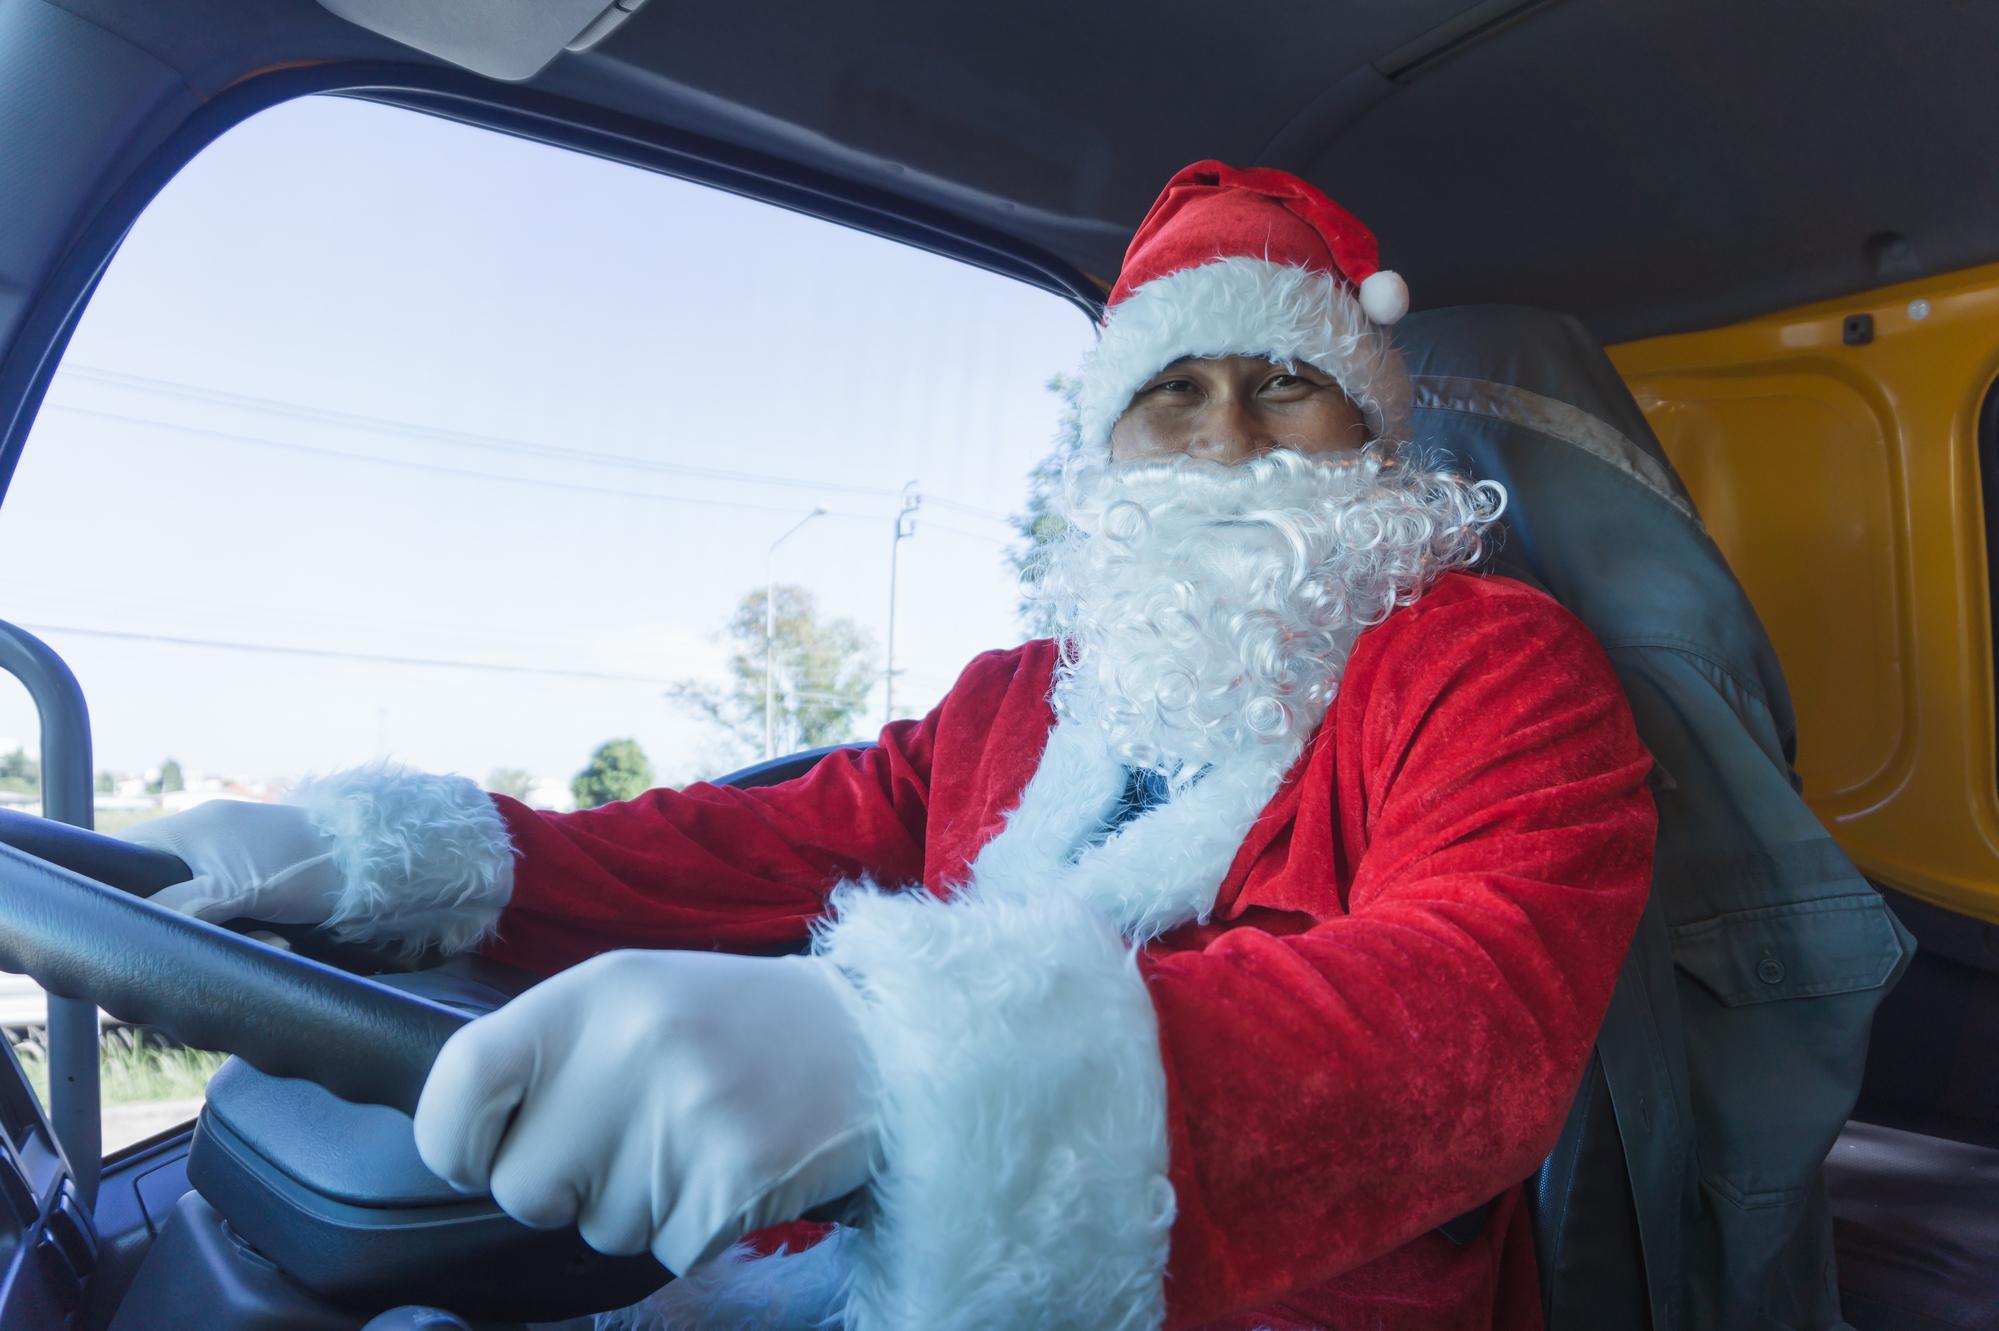 Santa Claus driving a truck